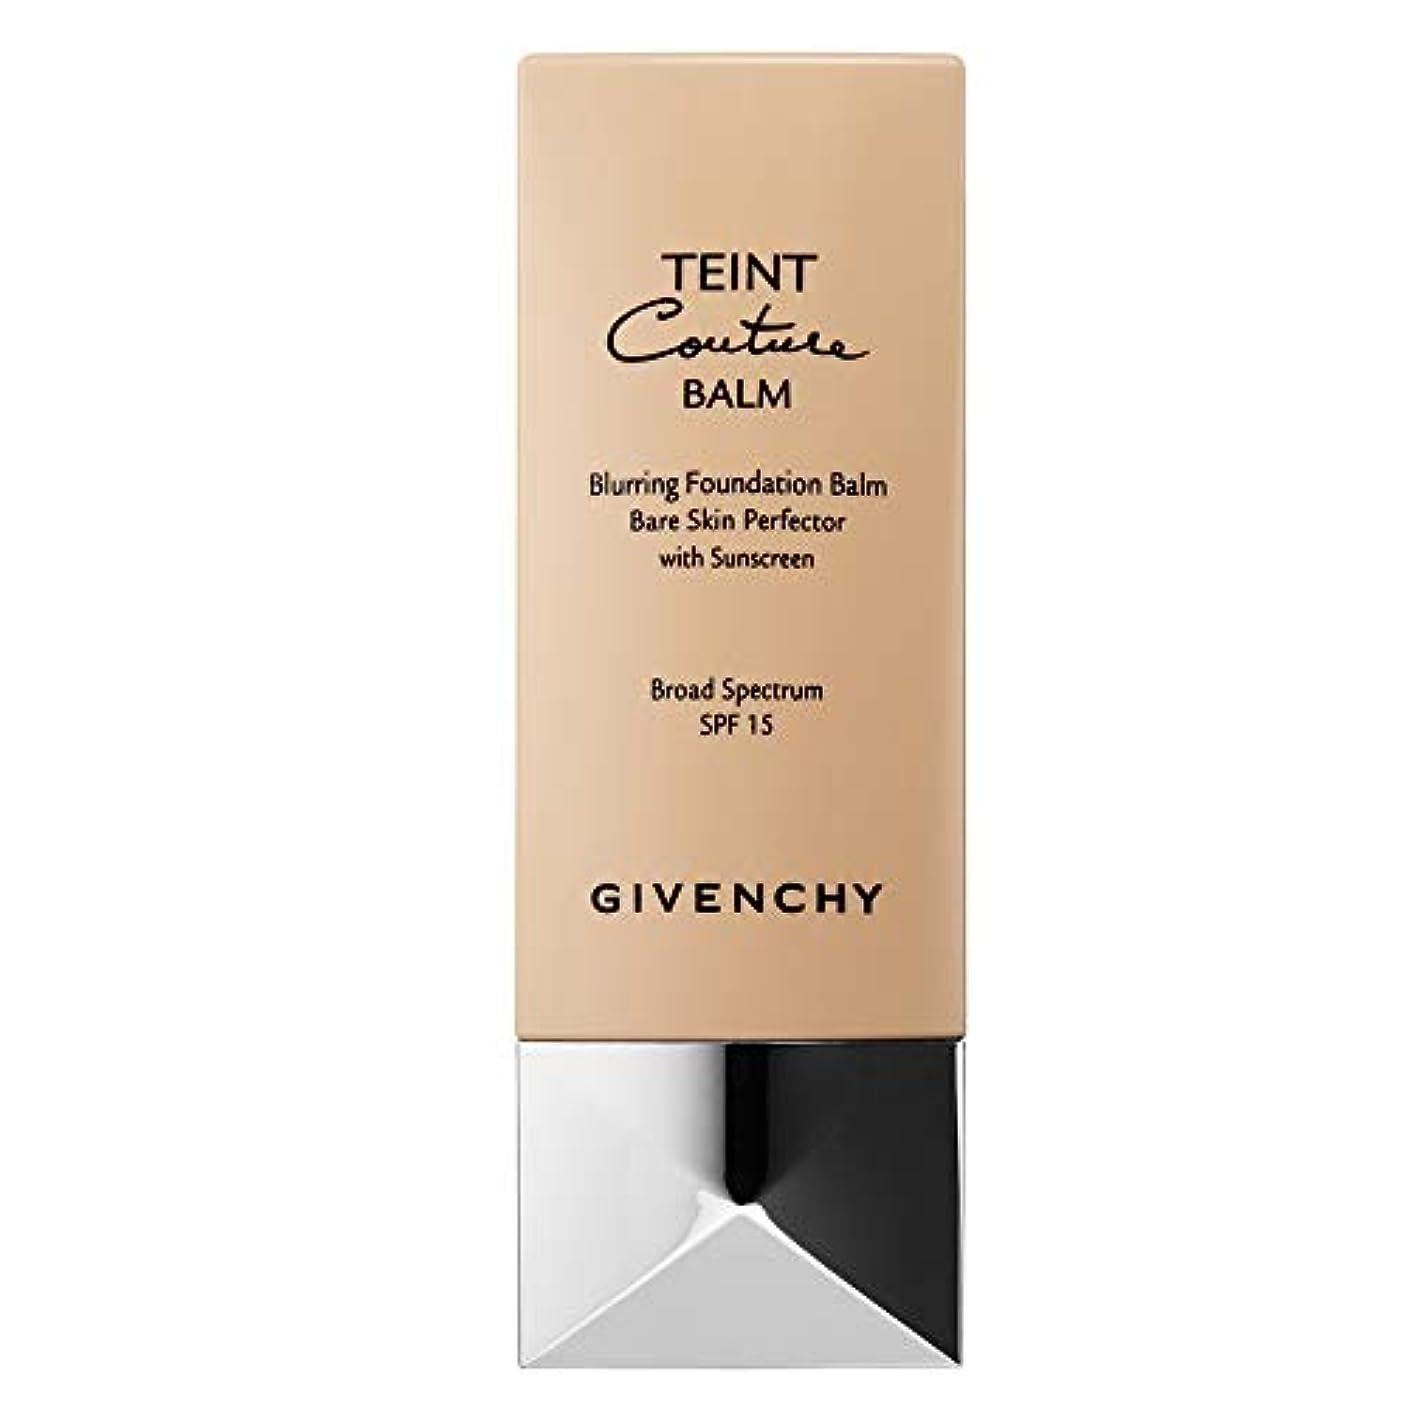 連隊策定する上にジバンシィ Teint Couture Blurring Foundation Balm SPF 15 - # 1 Nude Porcelain 30ml/1oz並行輸入品